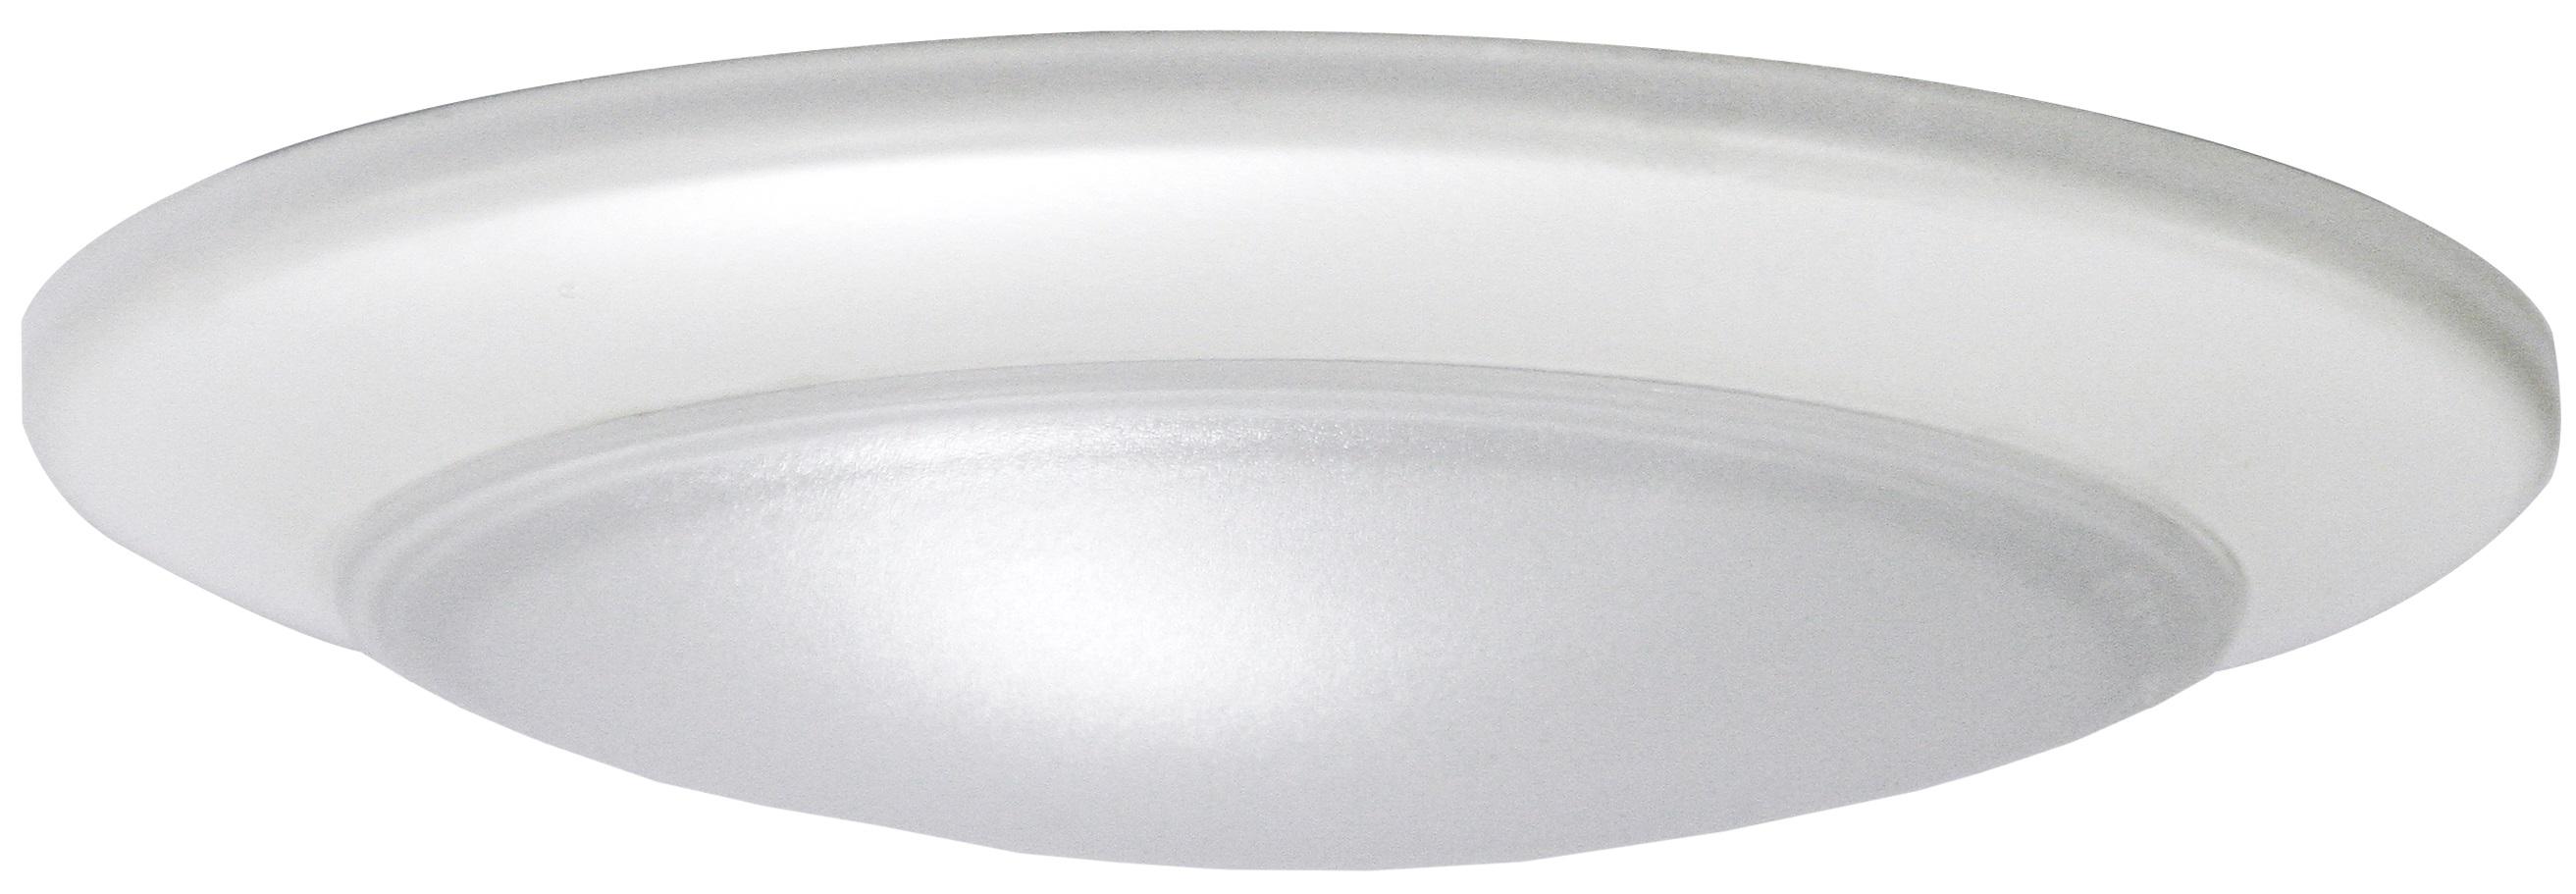 LED J-Box Low Profile Disk | 90CRI